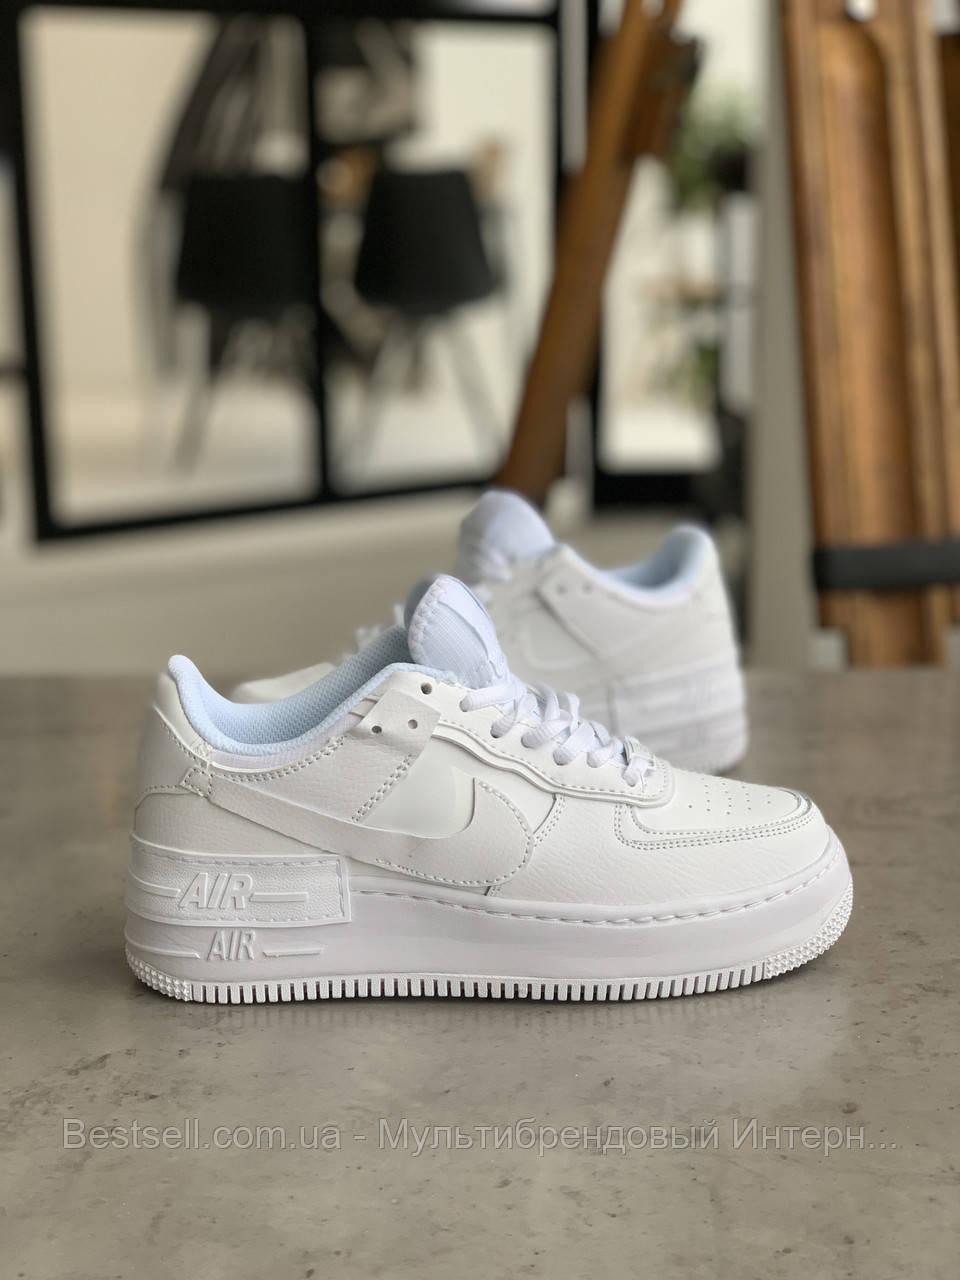 Кросівки Nike Air Force 1 White Shadow Найк Аір Форс 1 Білі (36,39,40)